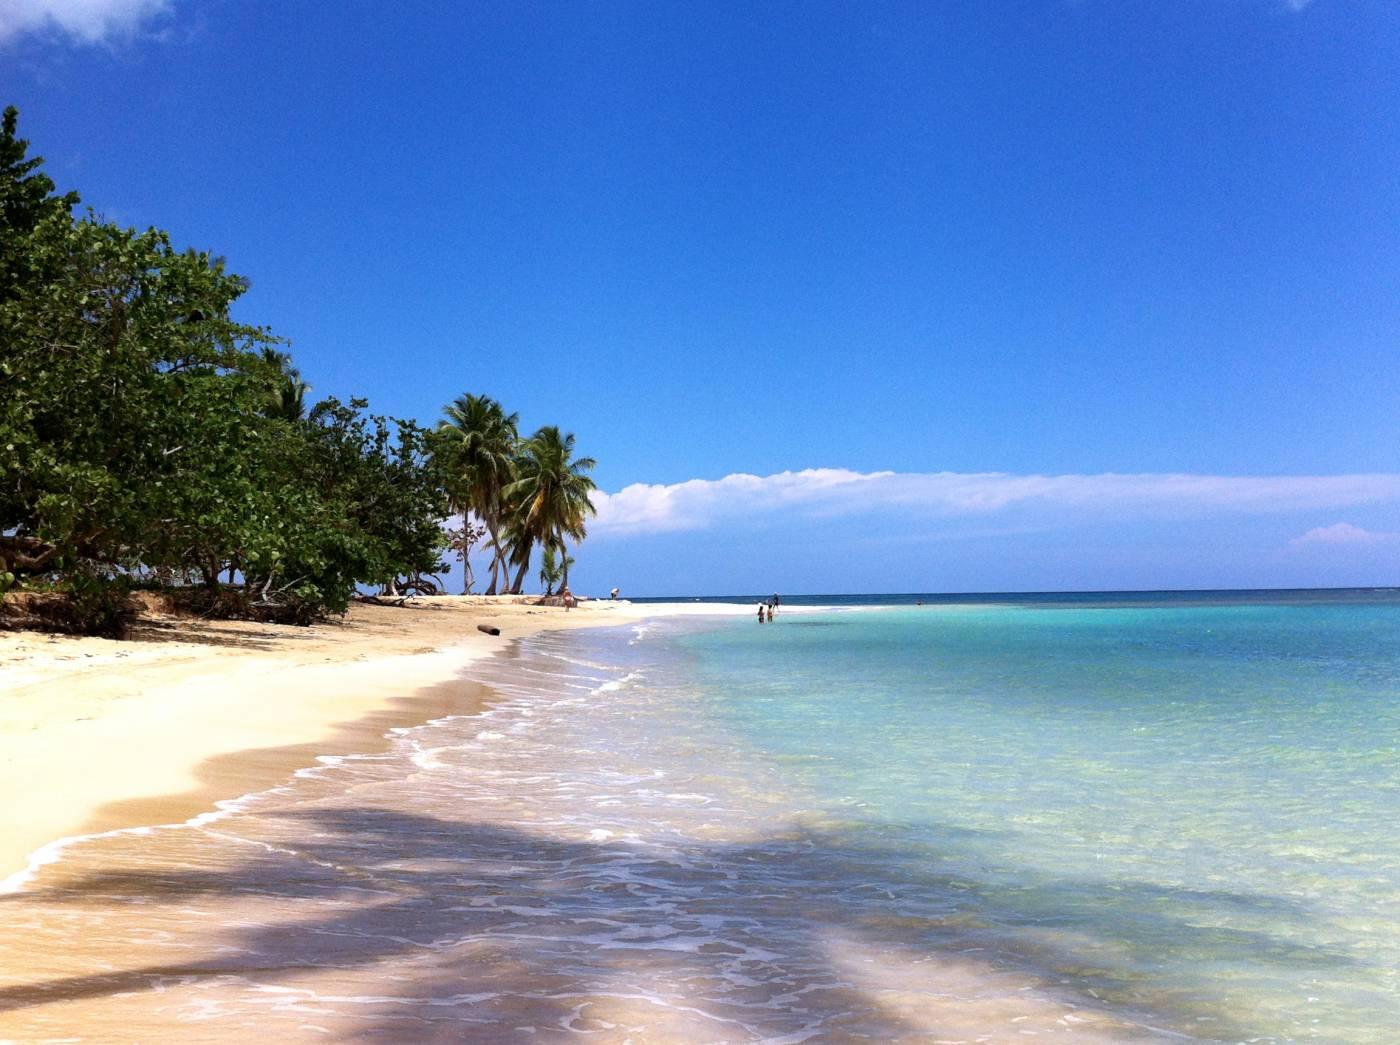 Tourisme en Amérique - Plage des Caraïbes